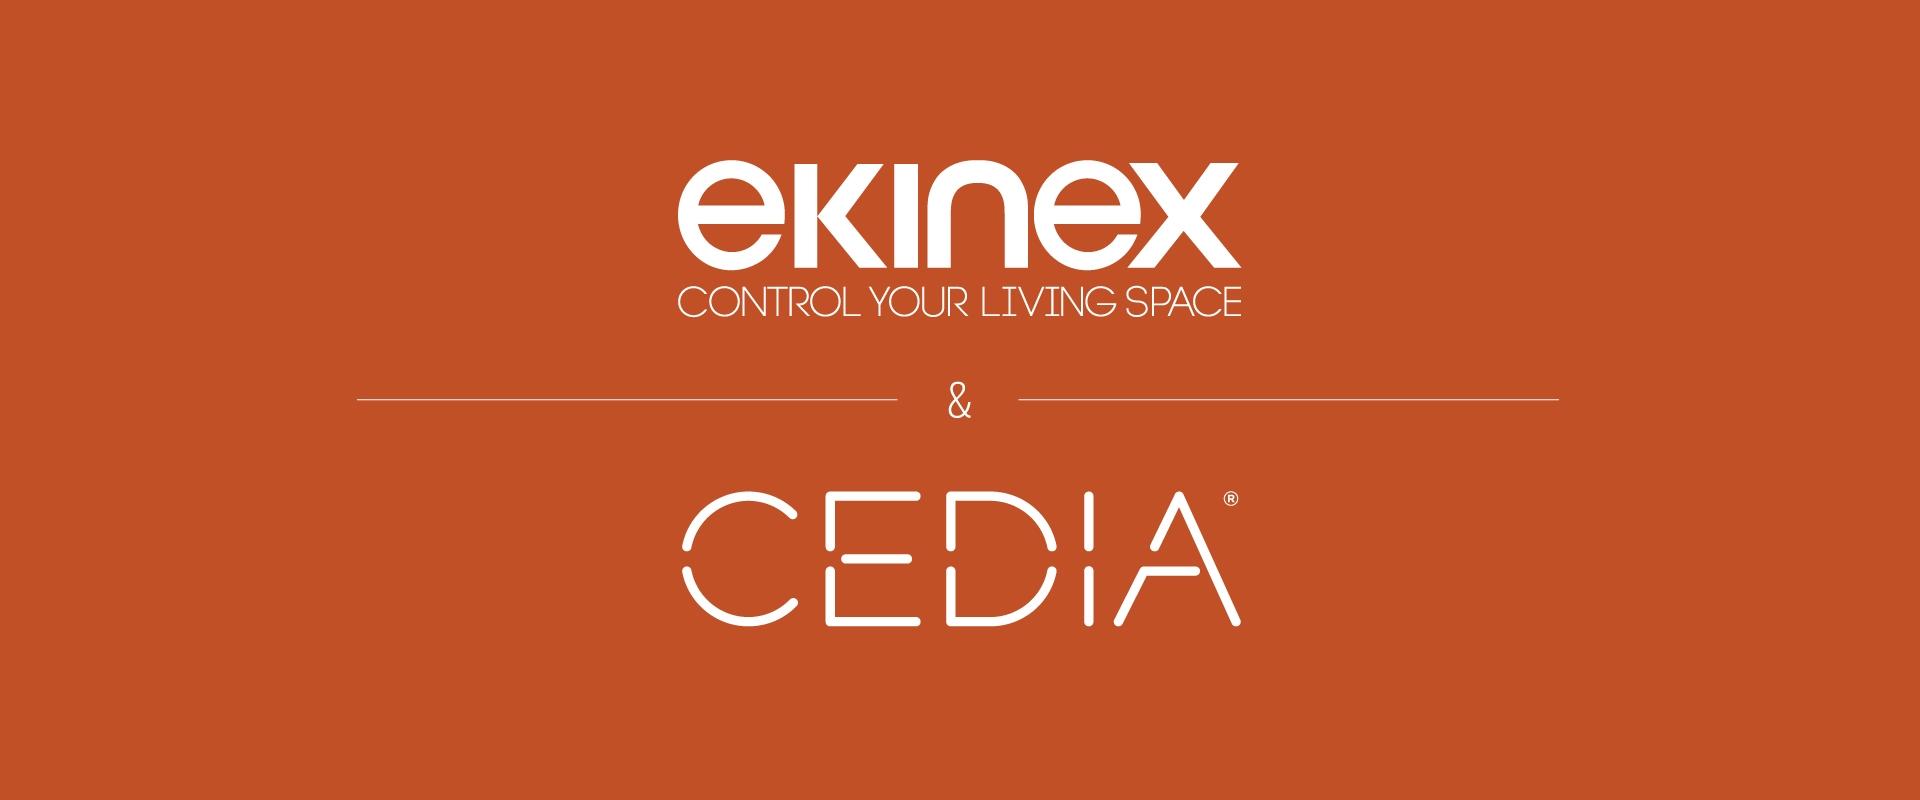 Ekinex Spa è membro del CEDIA